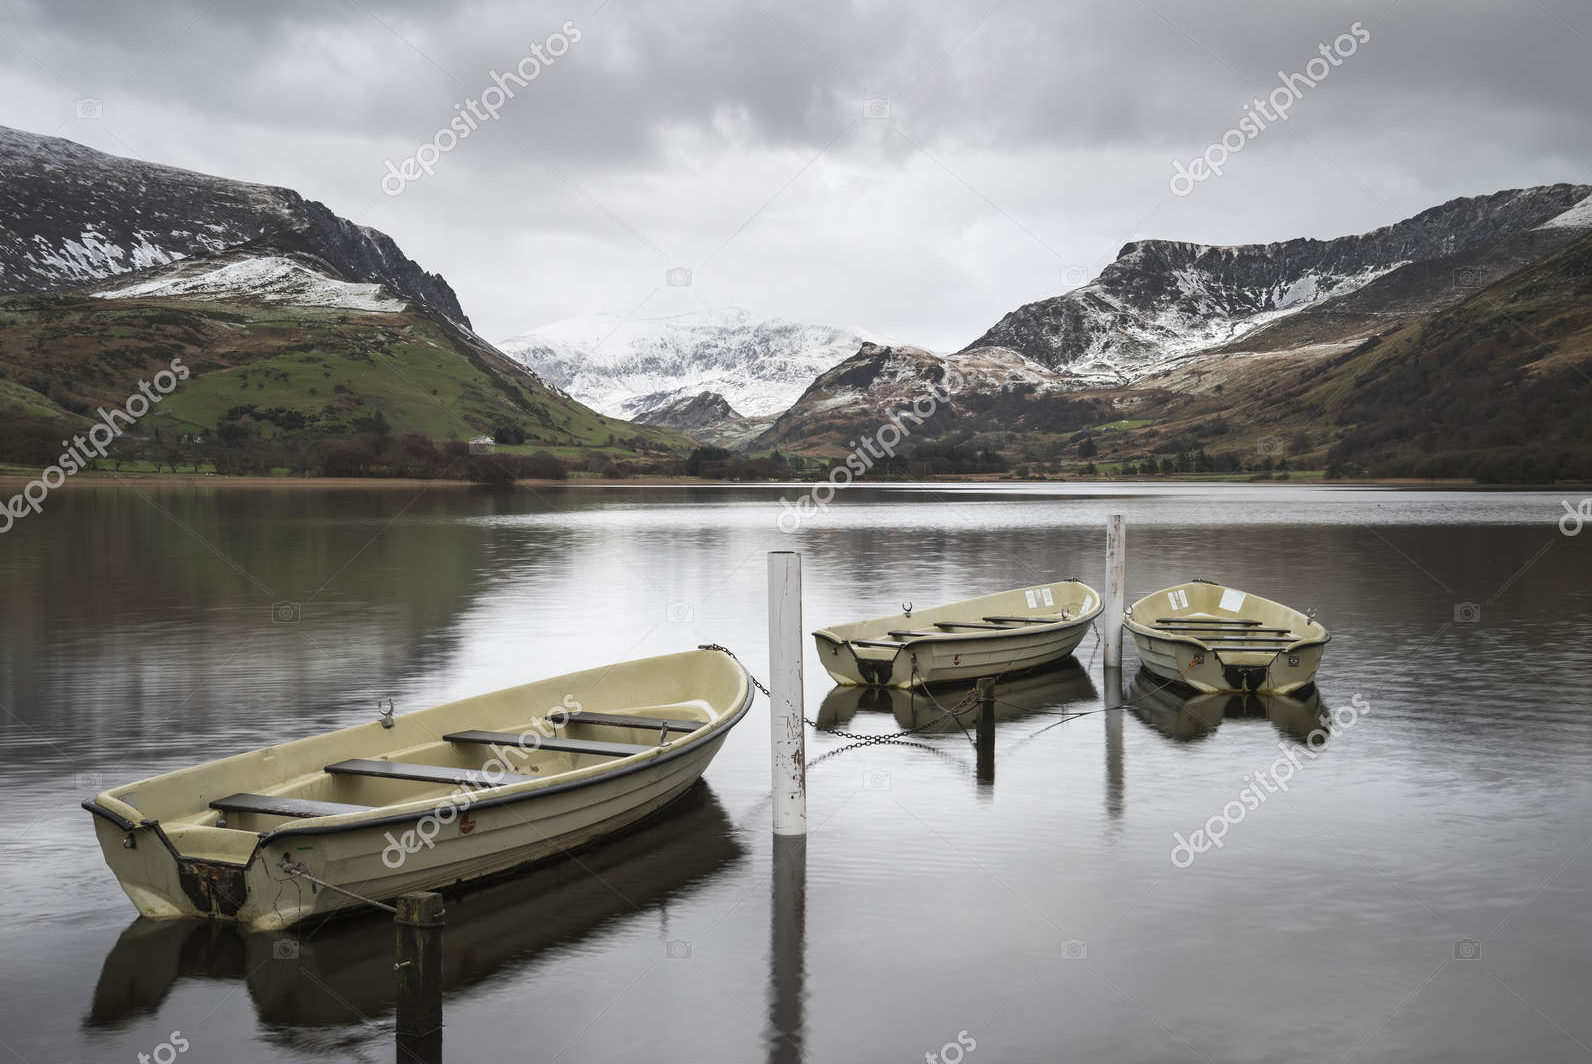 Горный ландшафт с лодками